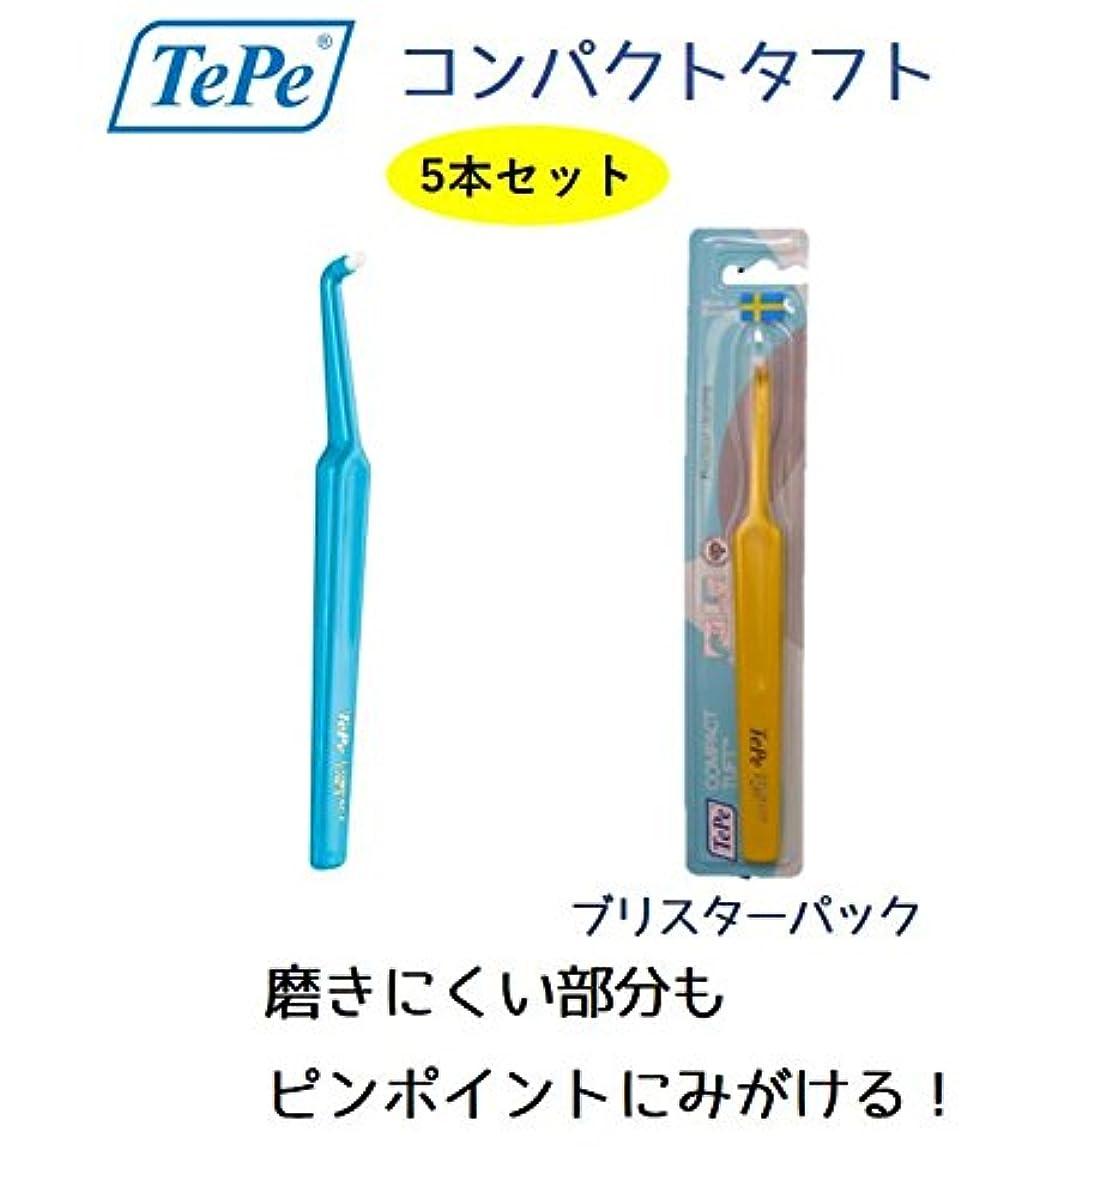 フレット無視する必要条件テペ コンパクトタフト ブリスターパック 5本セット TePe